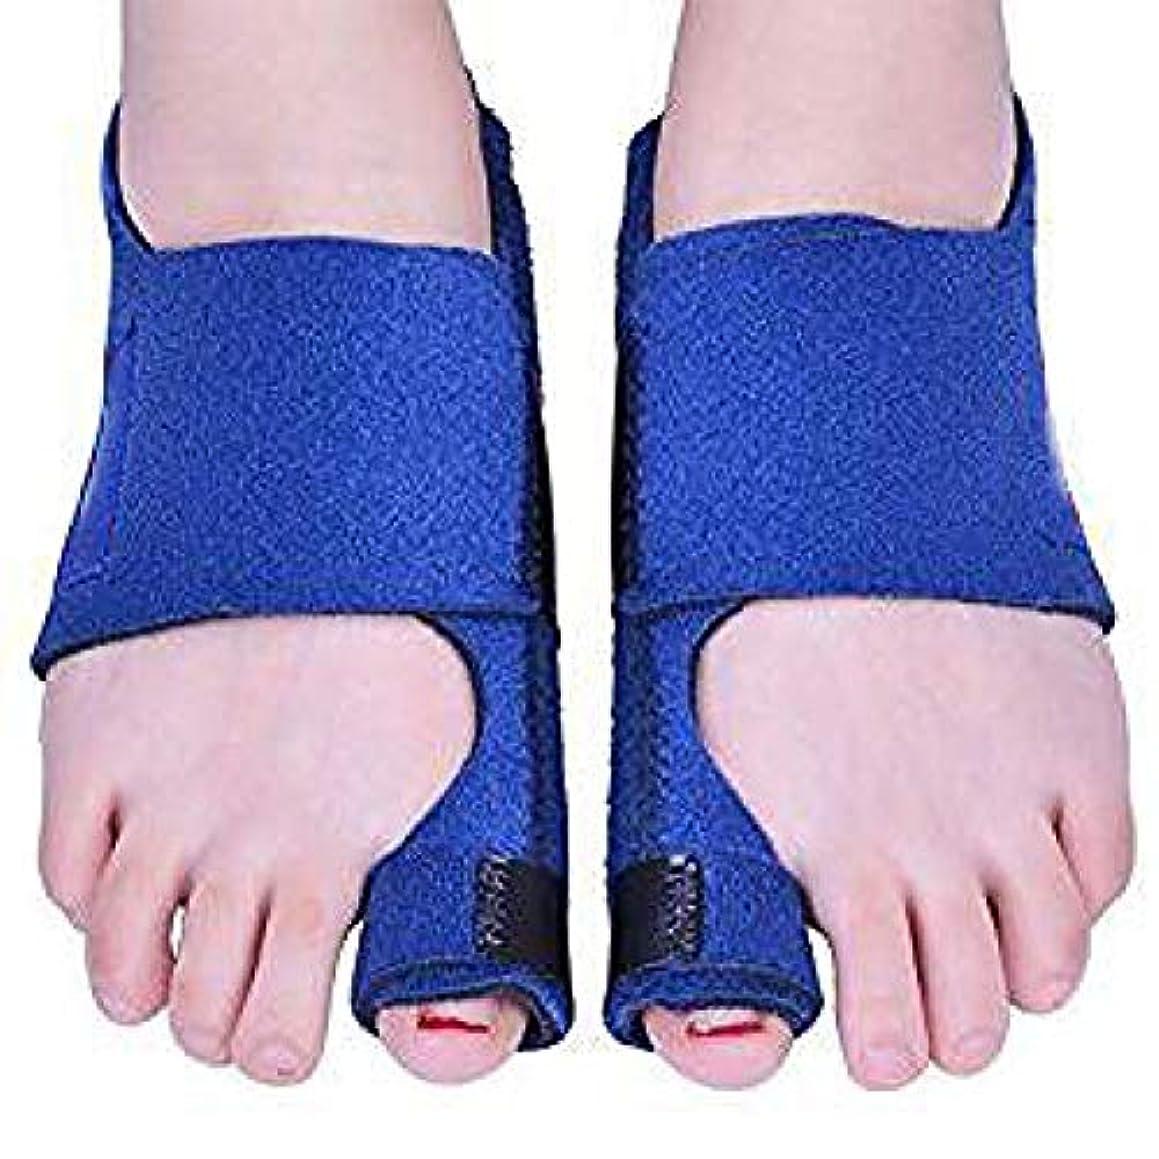 クライアント説得箱つま先矯正、重なったハンマー用のつま先のケア、つま先の痛み、平らな足の痛み、男性と女性用のつま先のストレートナー,Blue